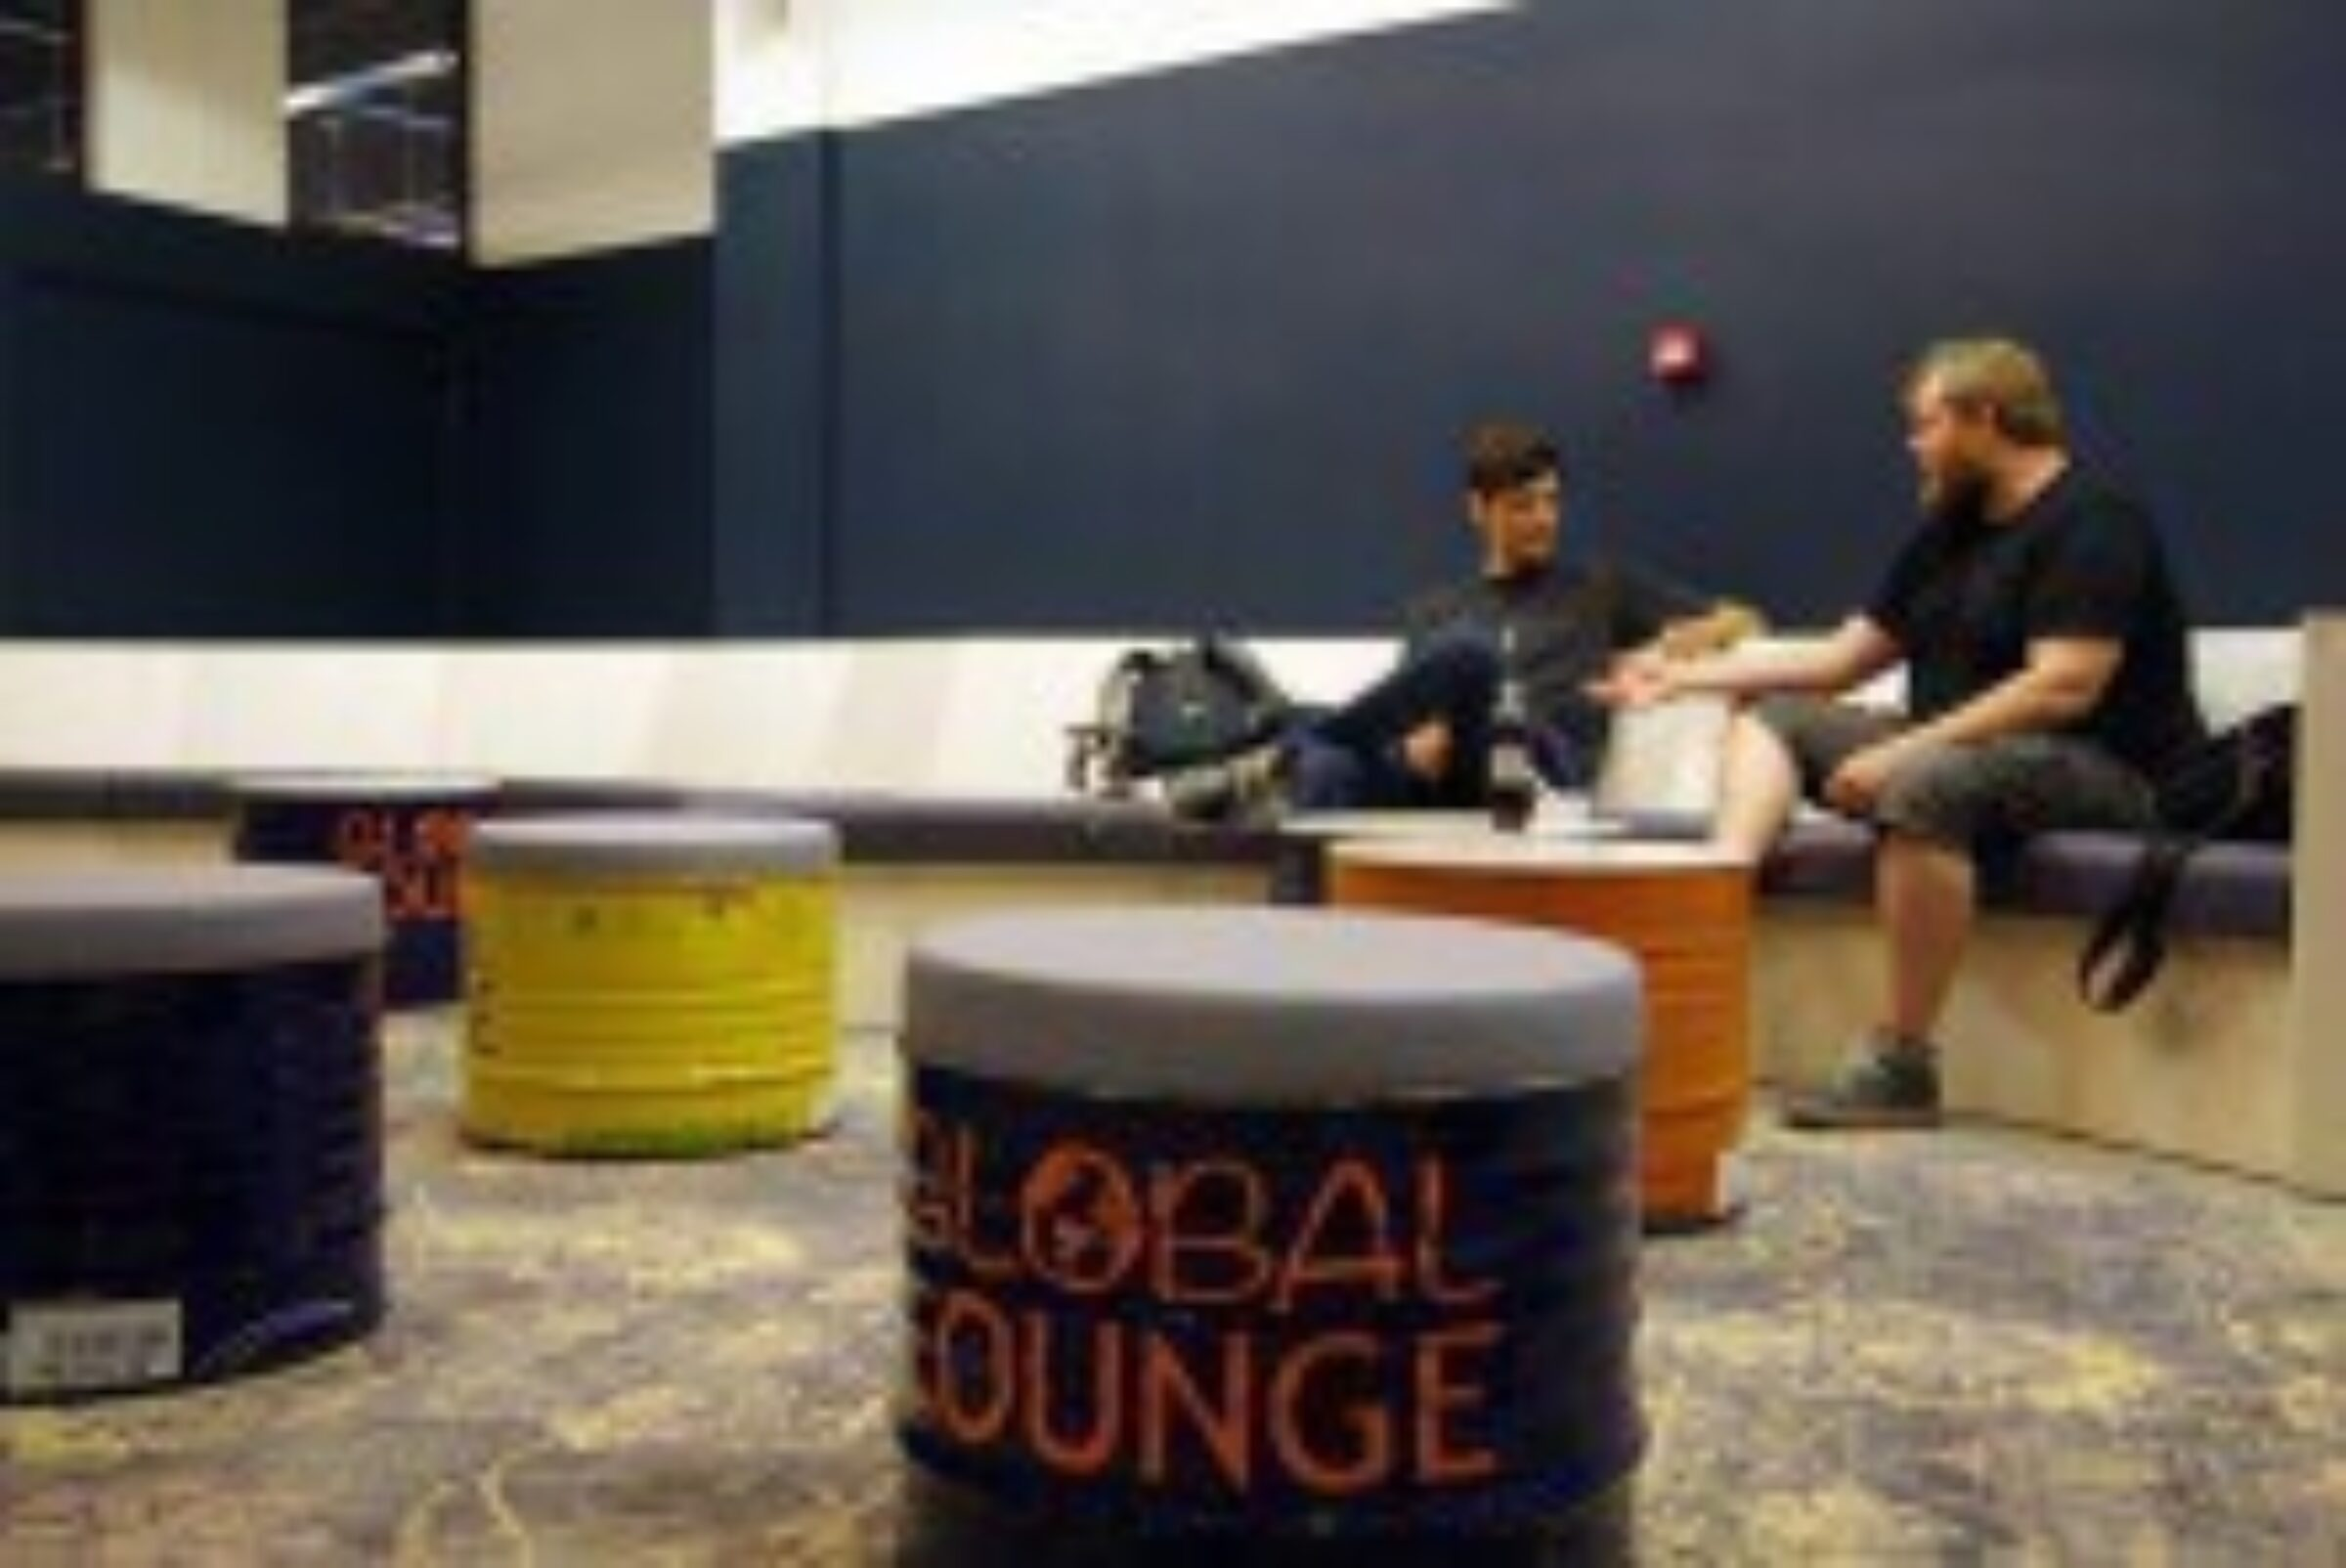 Global lounge bastille 1747 1542274701 35ht693nf2